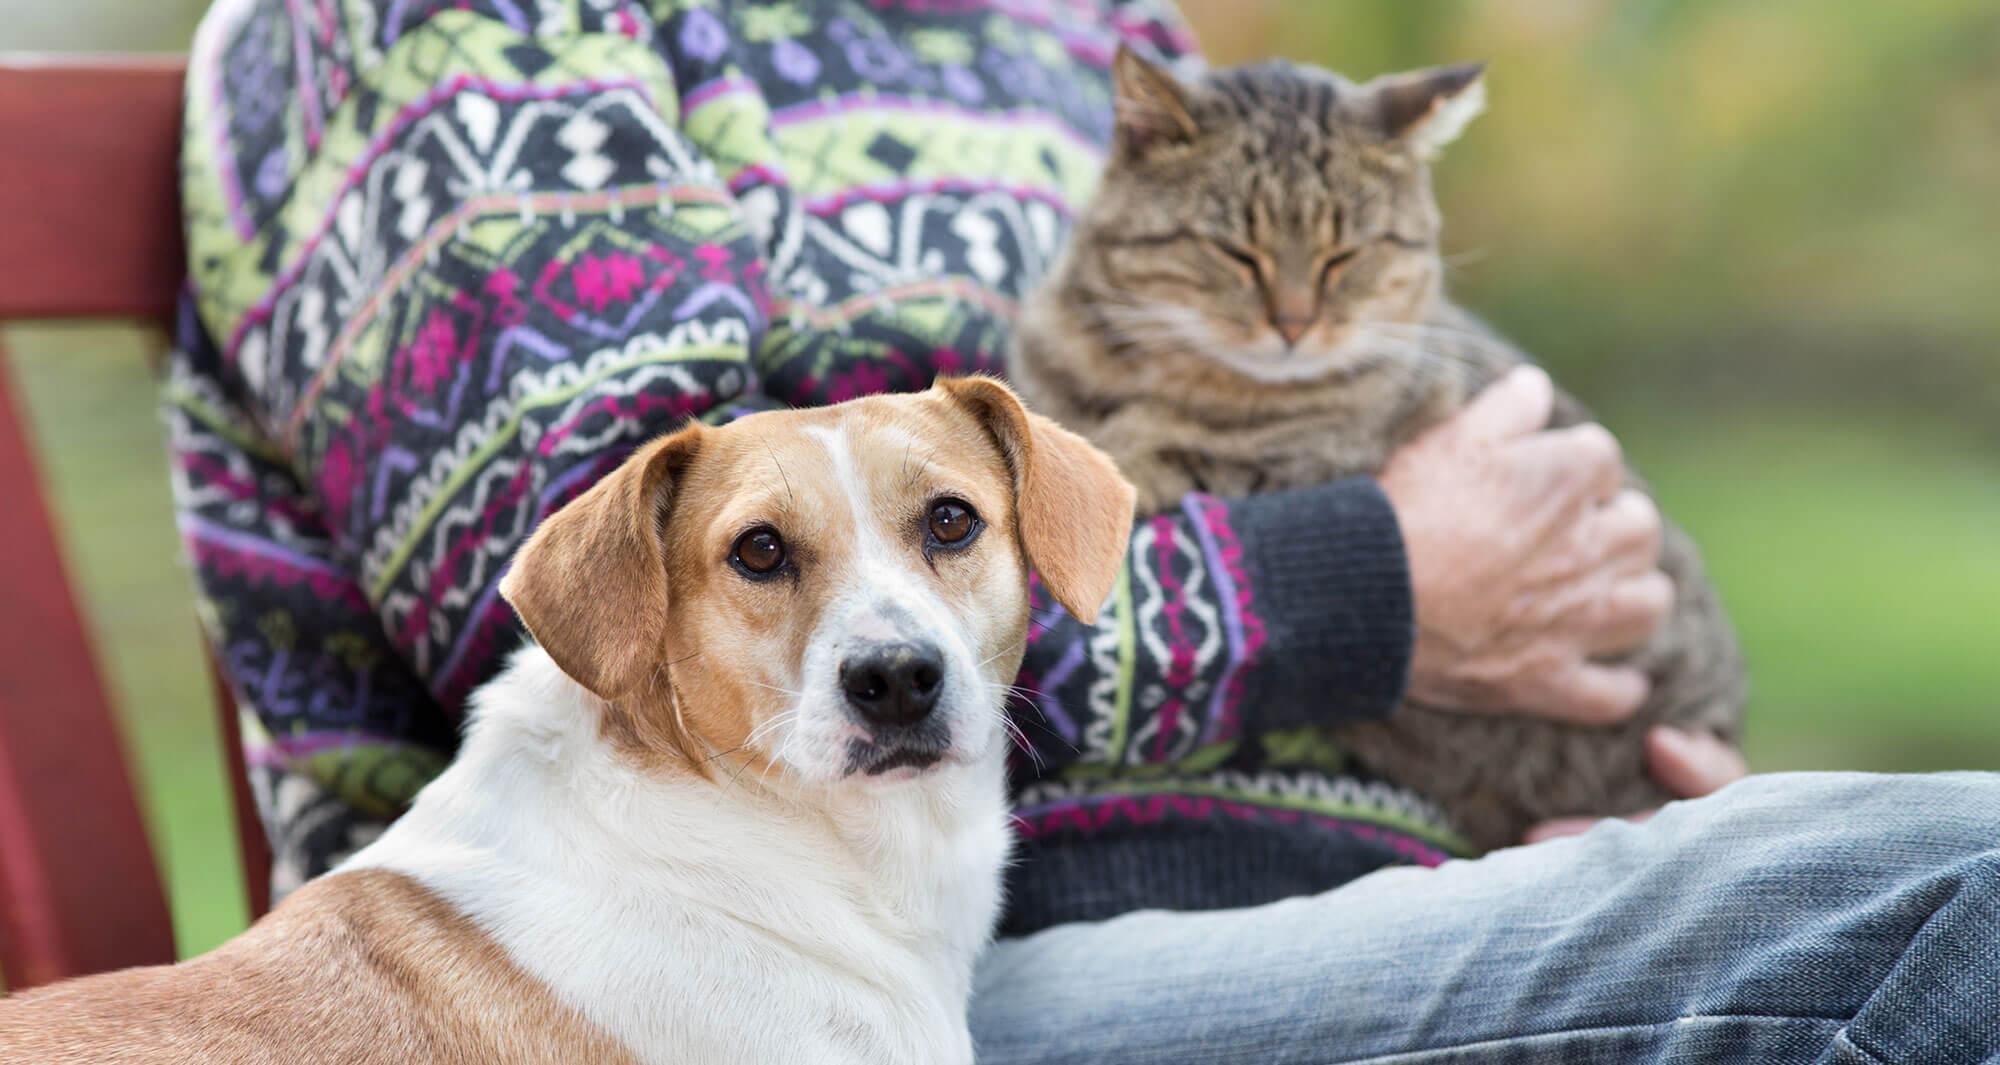 Begleittier in der Therapie, Foto: Budimir Jevtic, shutterstock.com